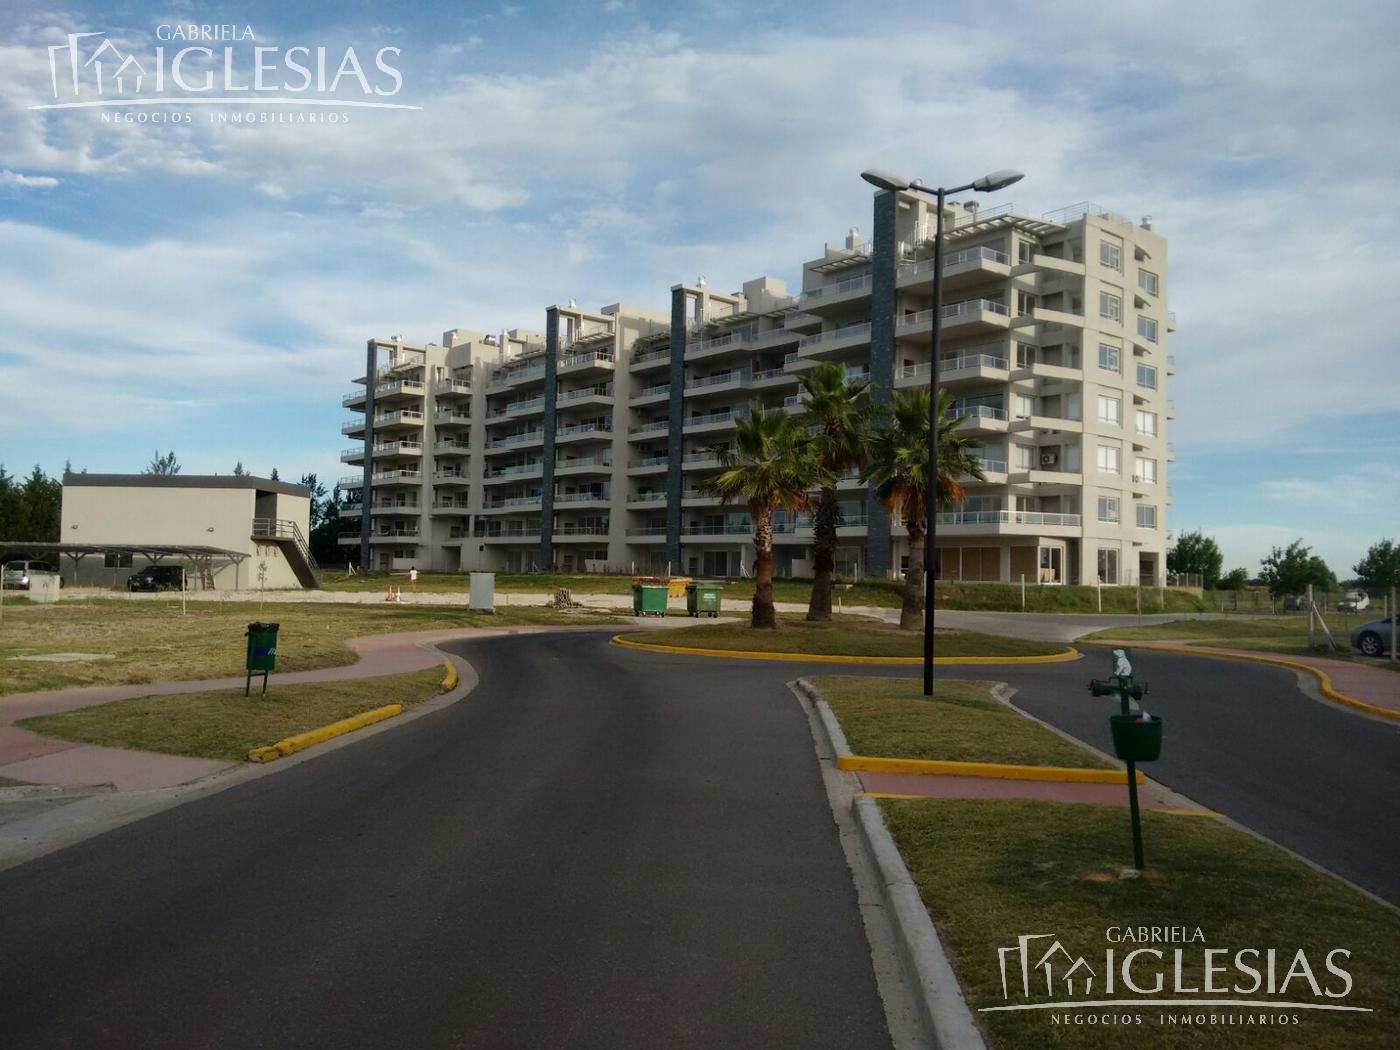 Departamento en Alquiler Venta en El Palmar a Alquiler - $ 14.000 Venta - u$s 155.000